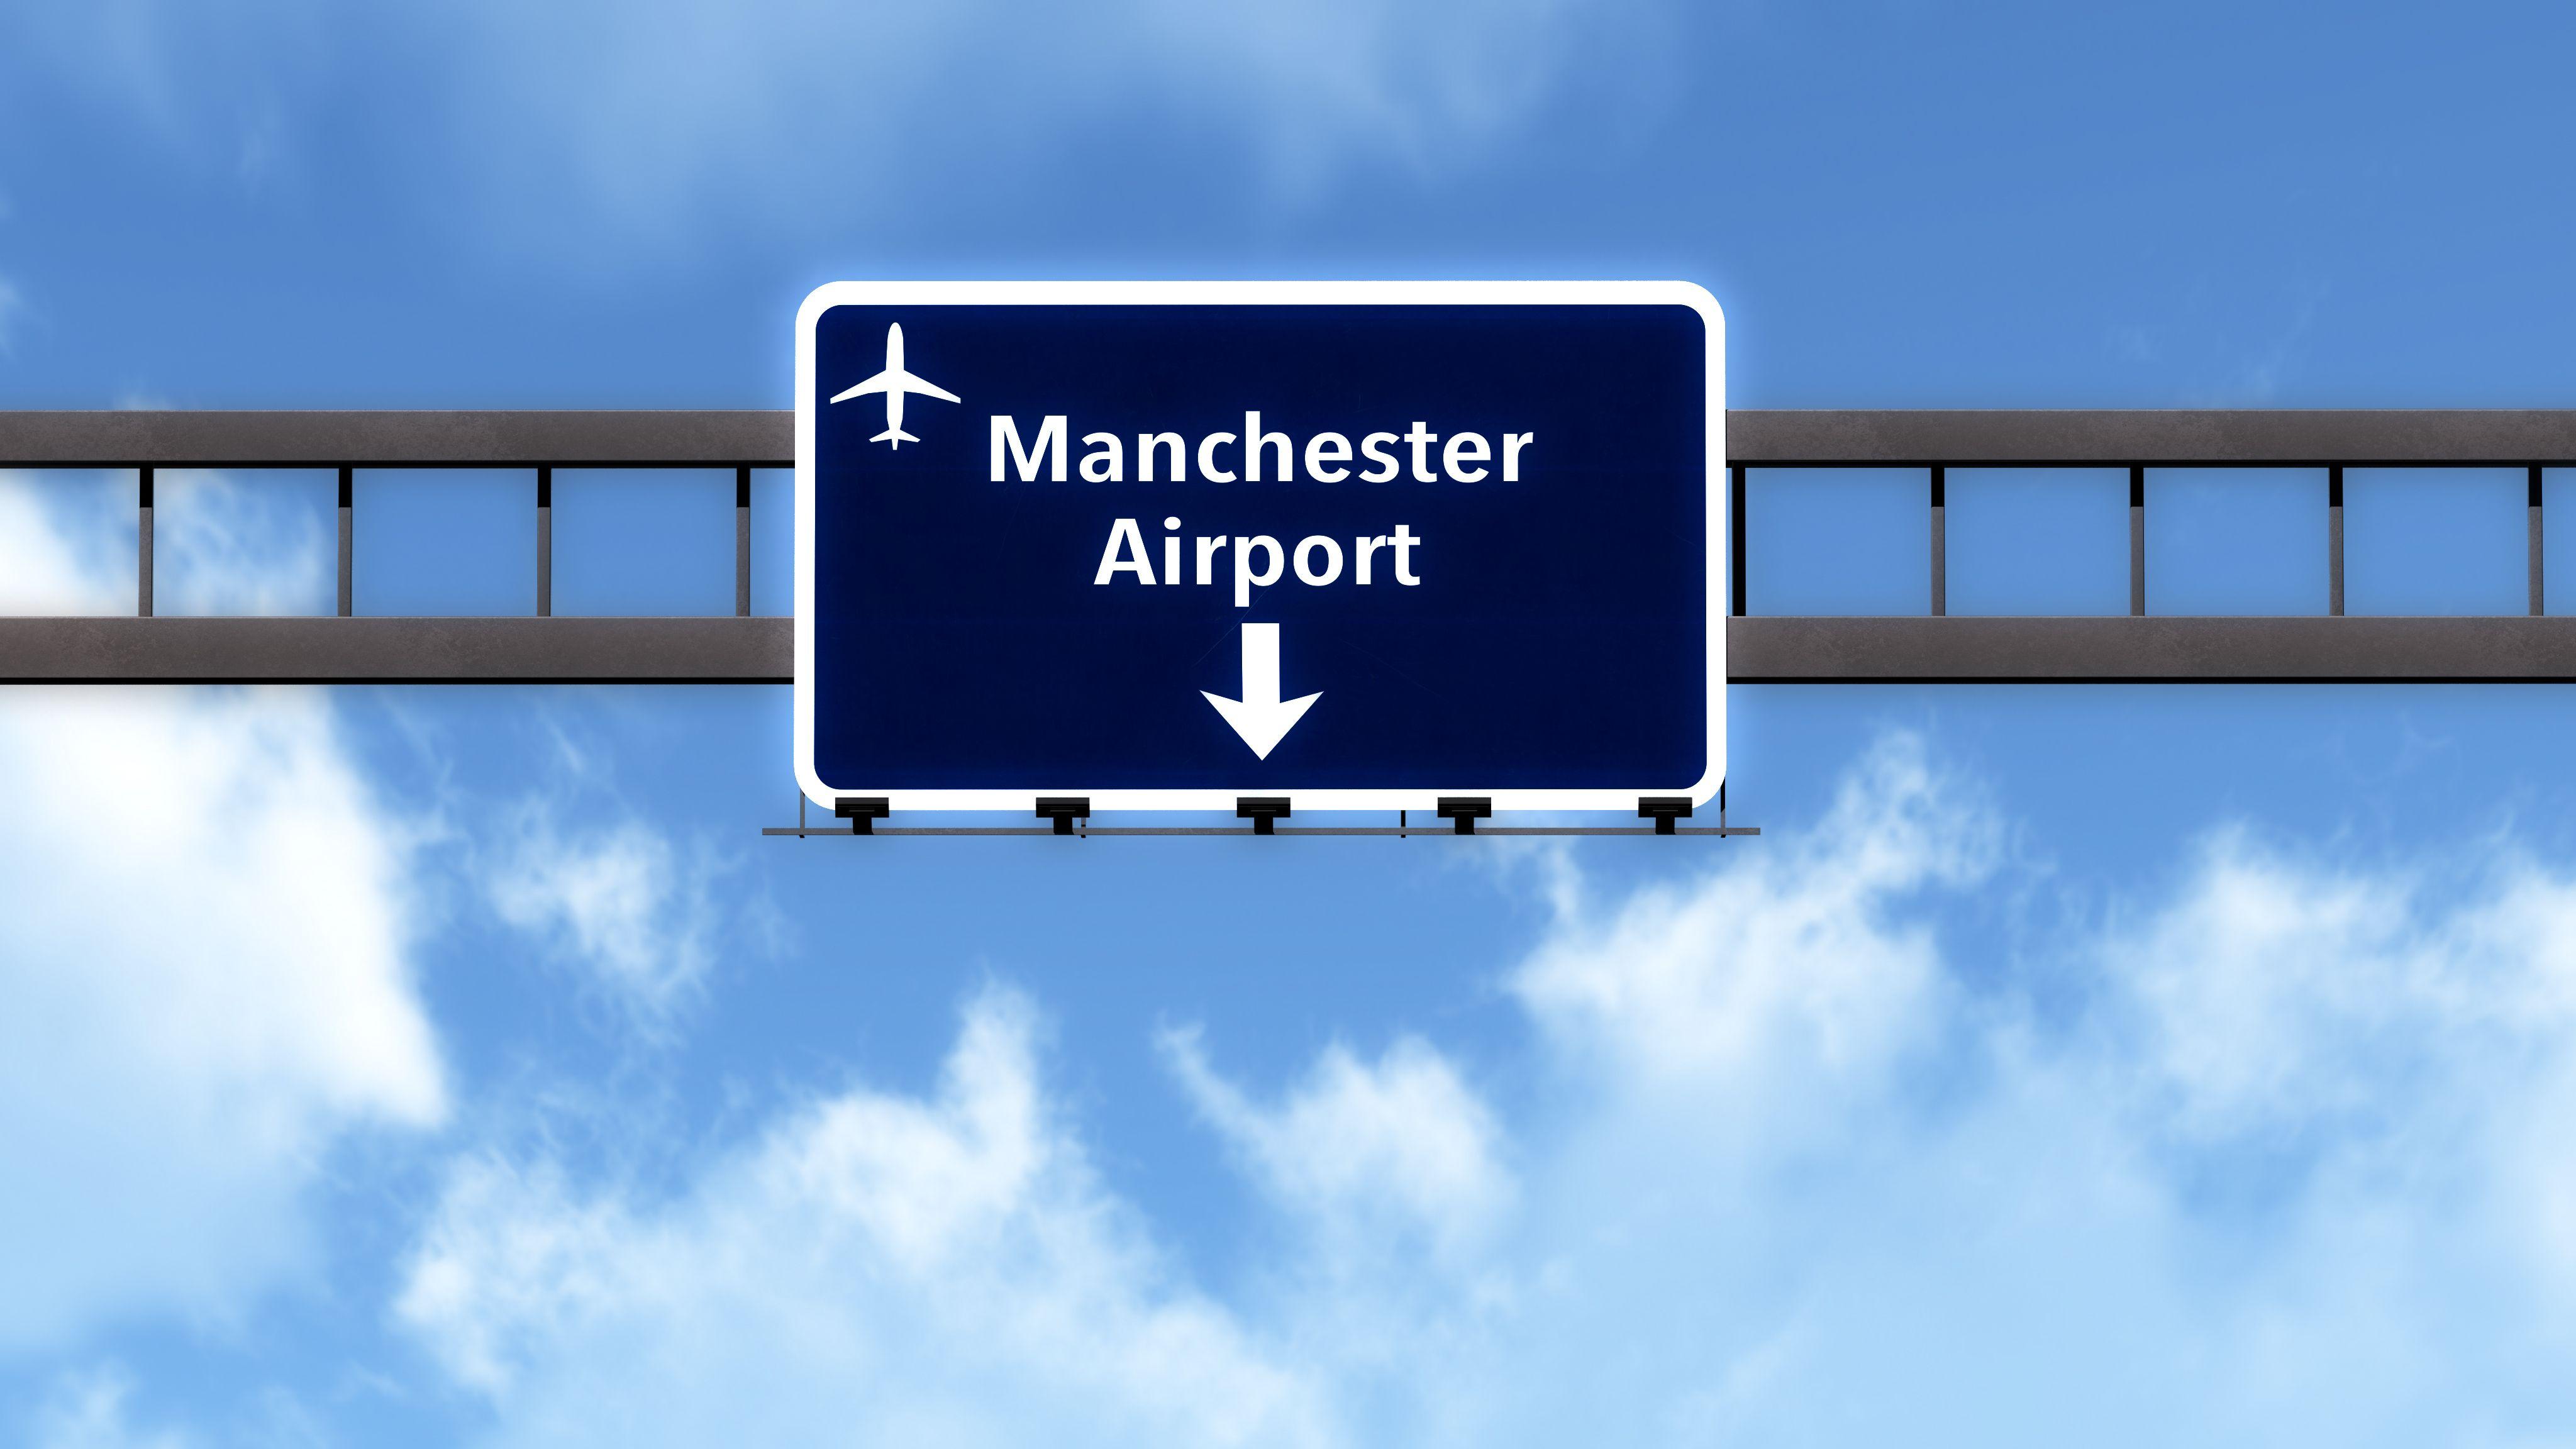 Los Derechos De Los Pasajeros Aereos Que Salen Manchester